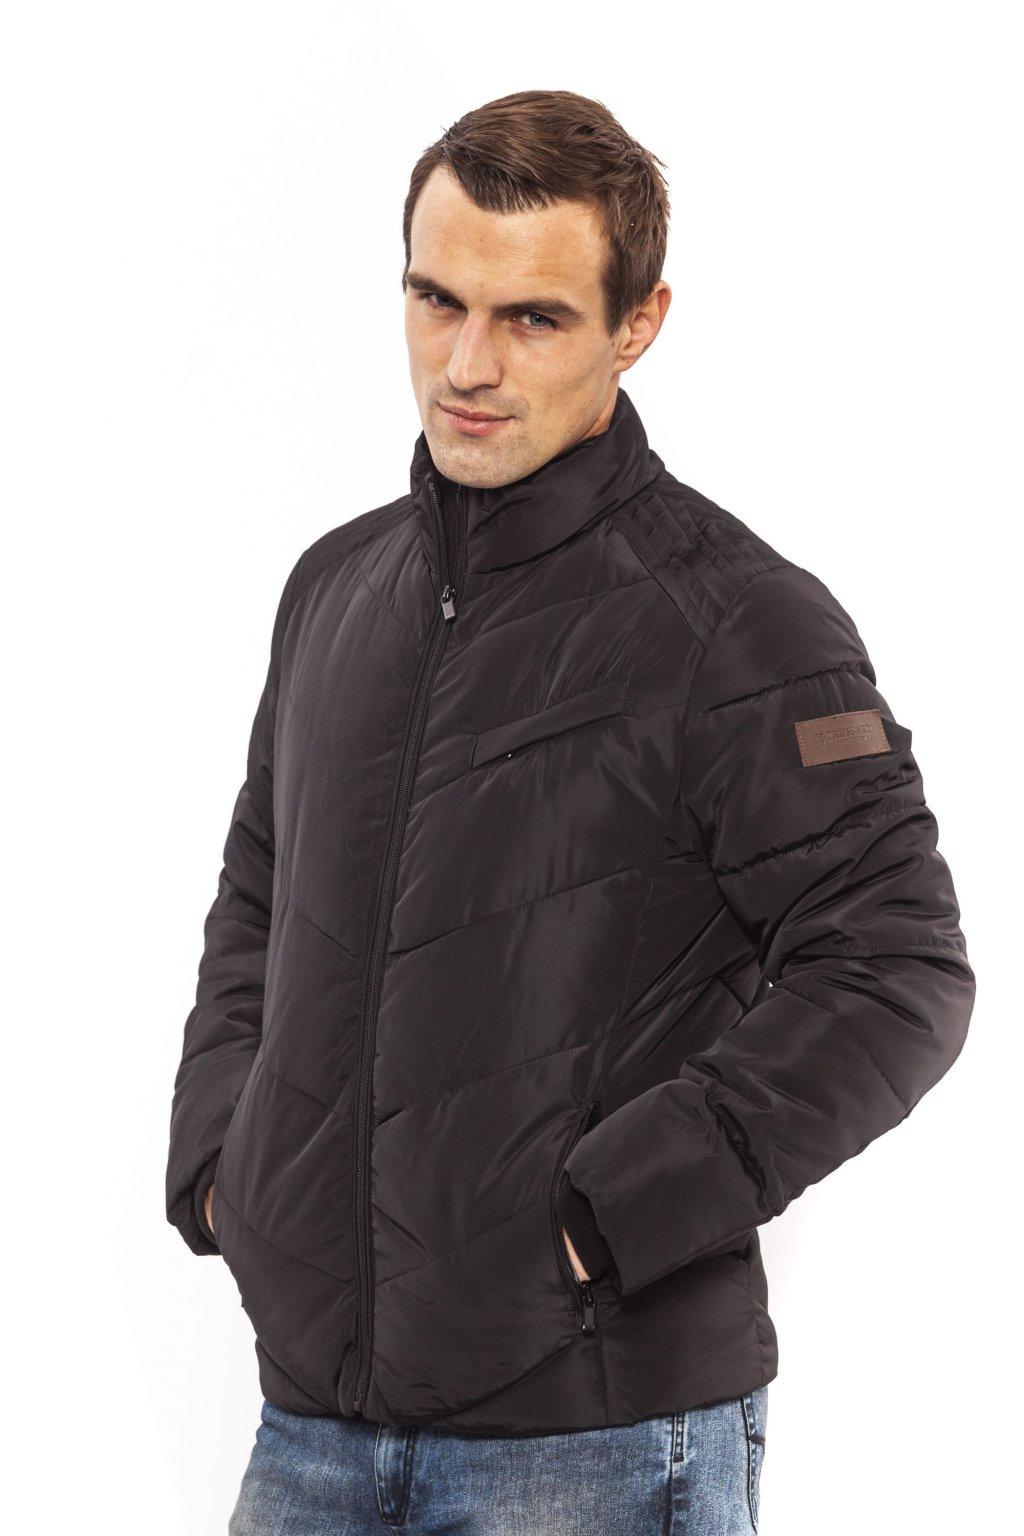 Pánská prošívaná bunda Trussardi (Barva Černá, Velikosti XXL)